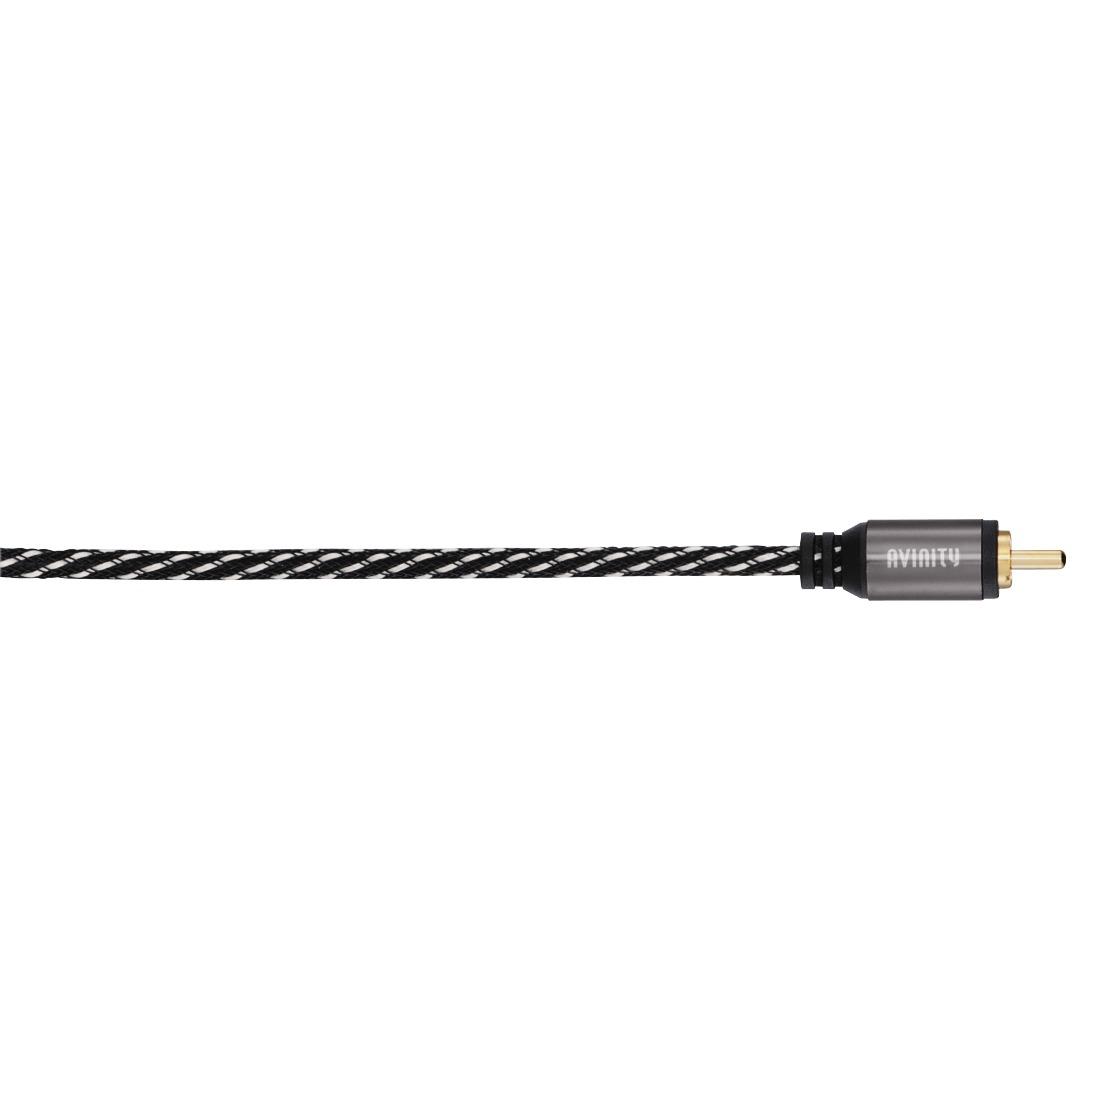 Korting Avinity Classic Subwoofer kabel plus Y adapter 5m Klasse 2 Subwoofer kabel